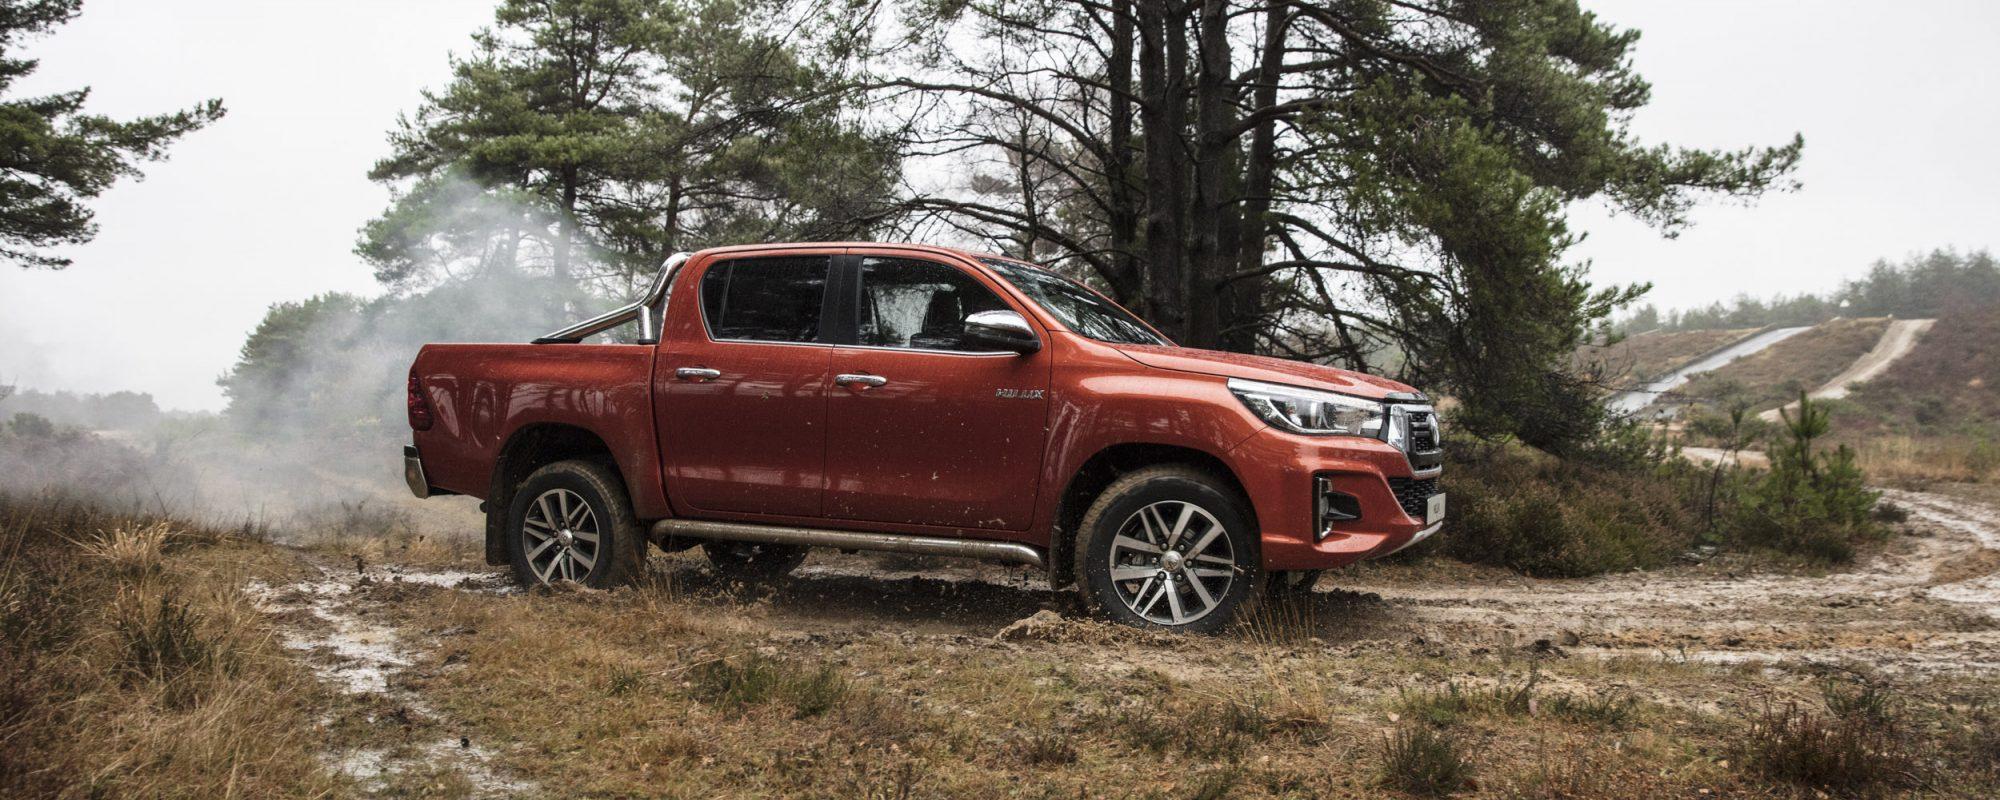 Toyota Hilux wint Bestelauto Expo Publieksprijs 2020 in de categorie pick-up